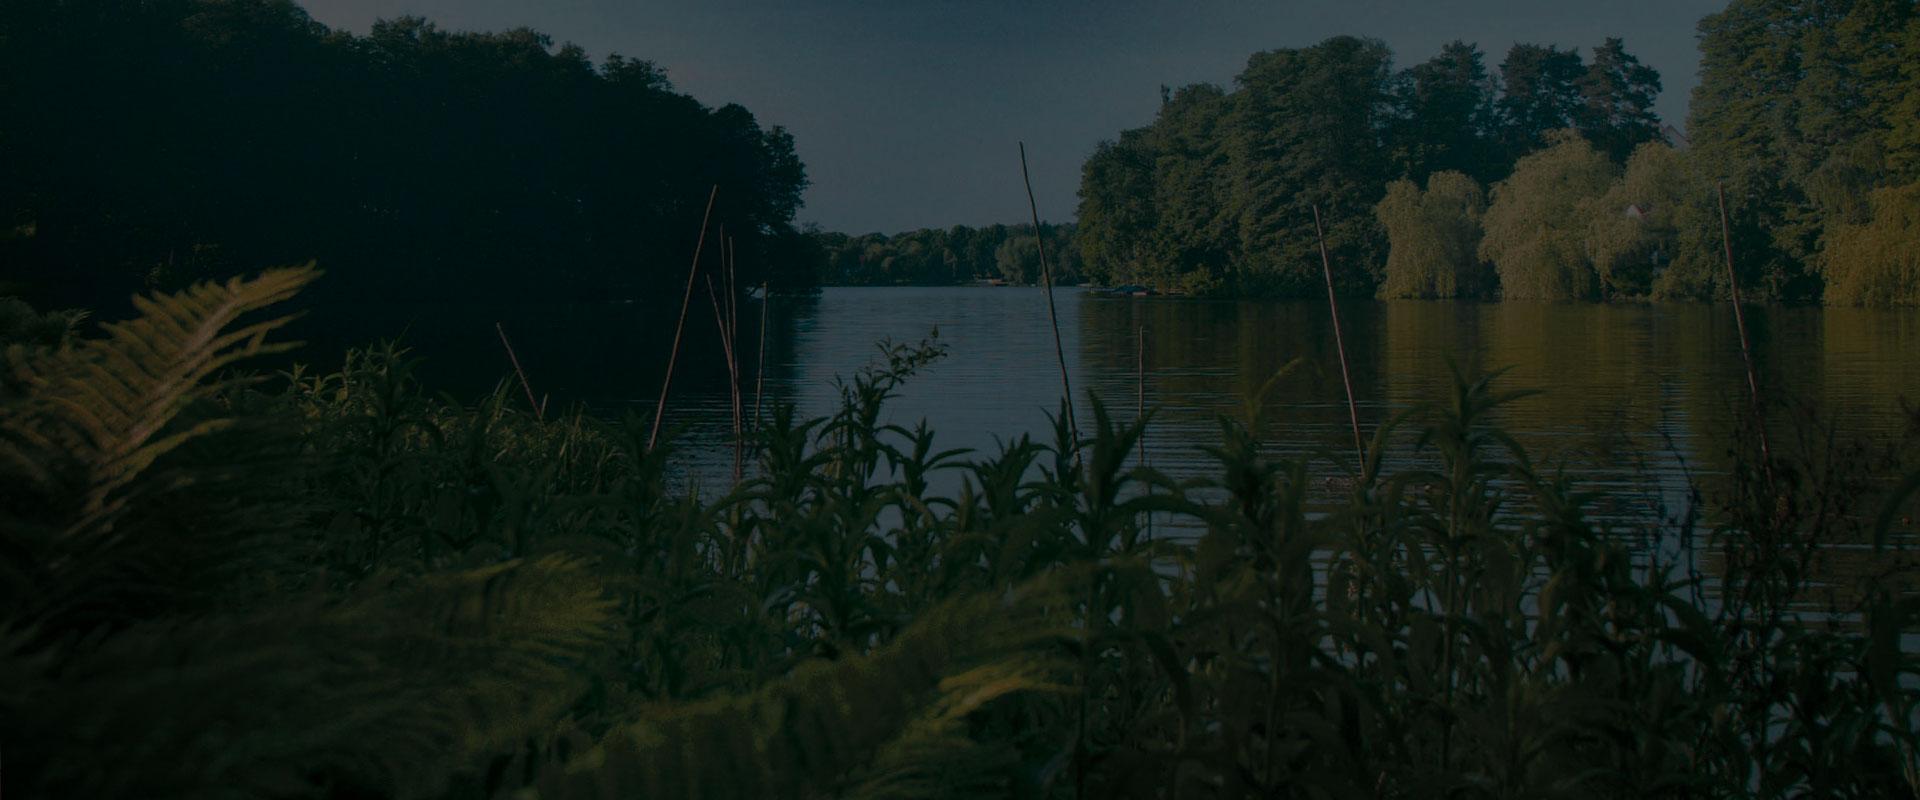 Motzender_See_Alter_Krug_Kallinchen